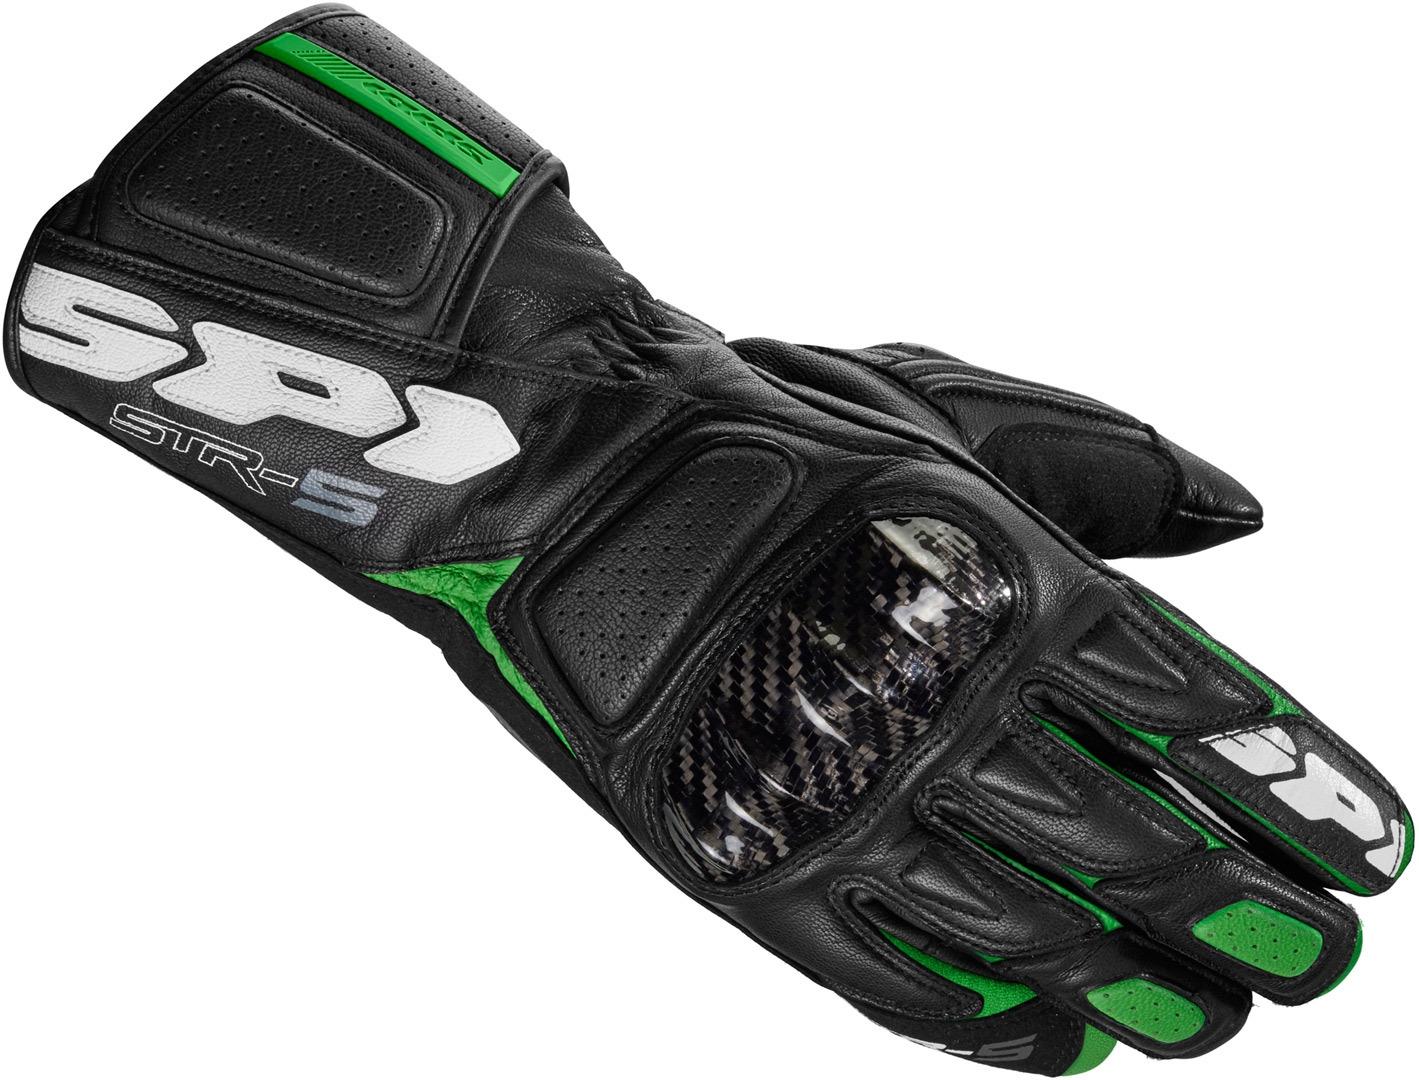 Guanti pelle moto con protezioni Spidi STR-5 Nero Verde 1